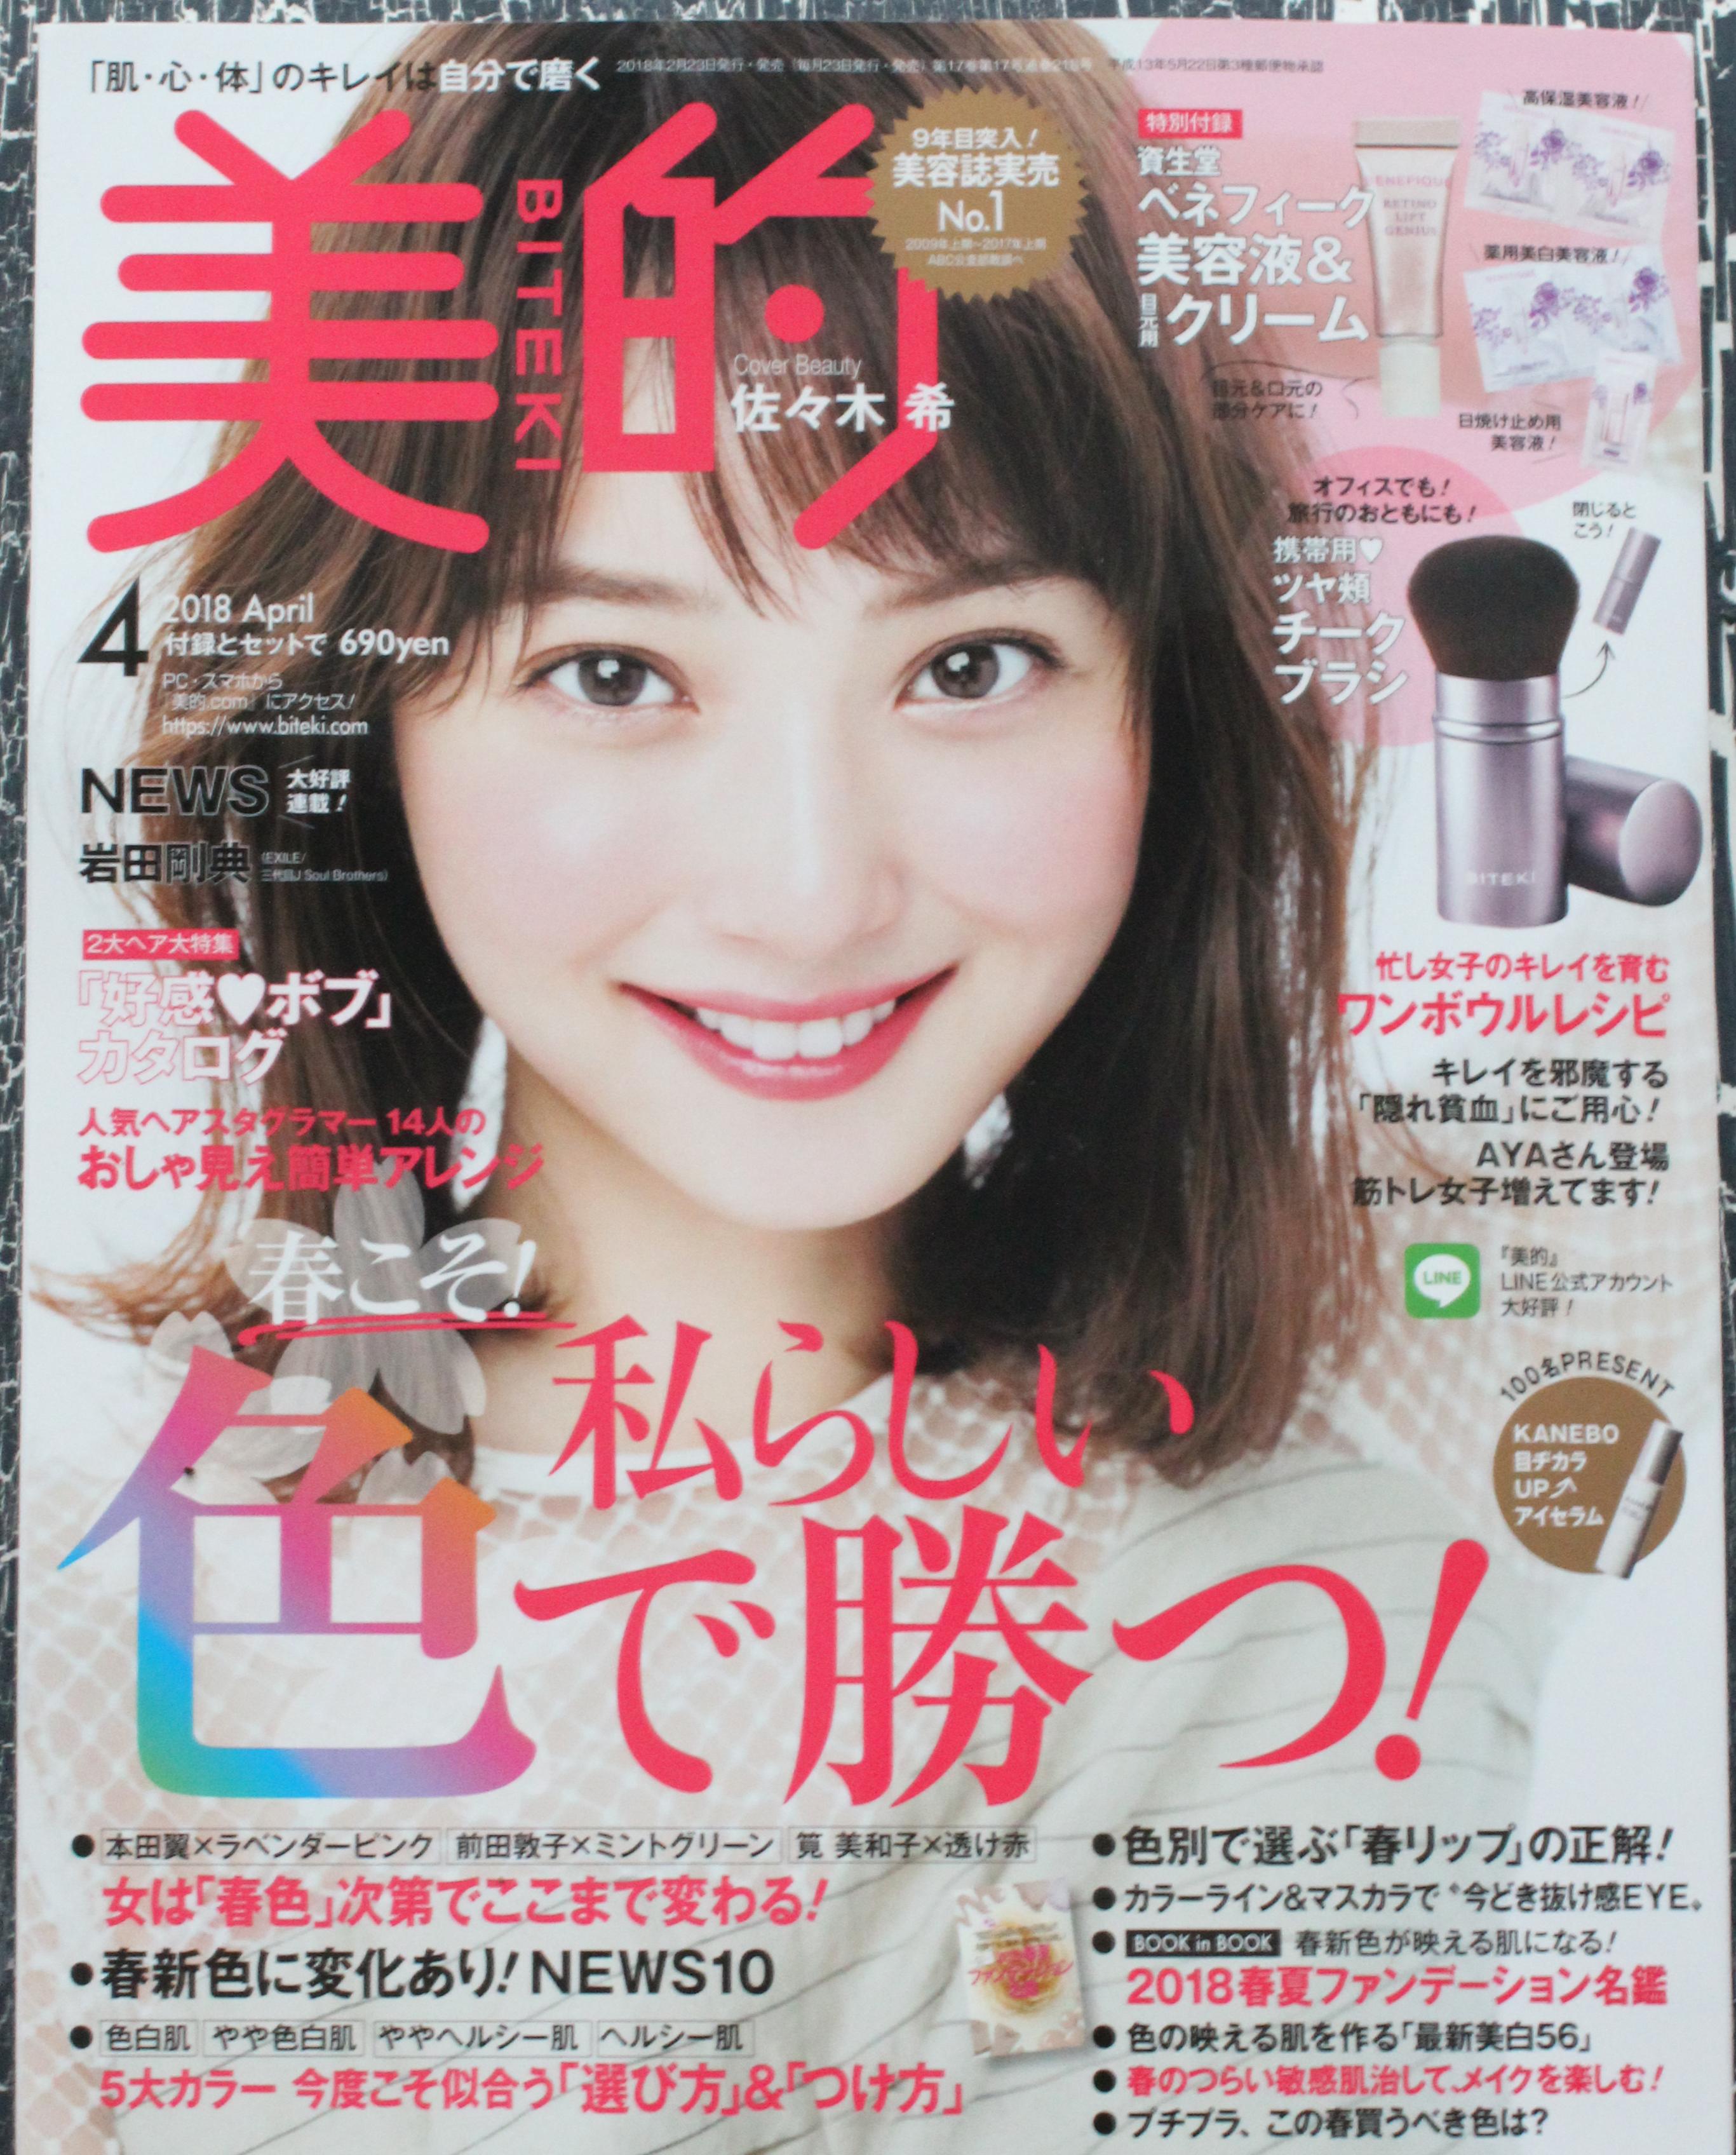 シェアNO1美容雑誌「美的」にフラワーゼリー掲載